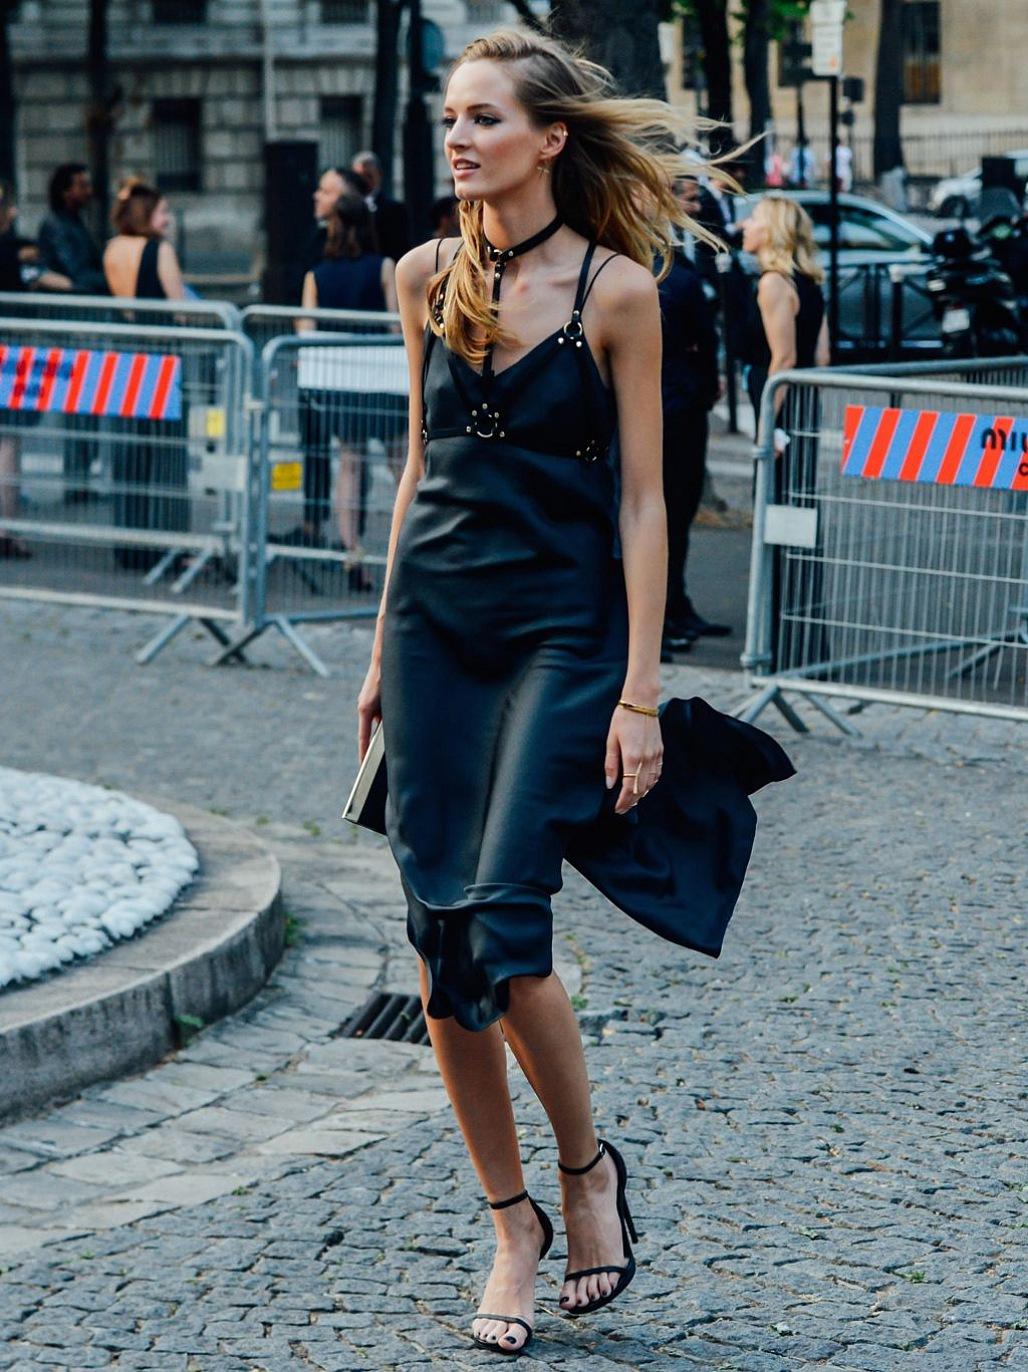 fashionista mặc slip dress lụa màu đen và phụ kiện cá tính